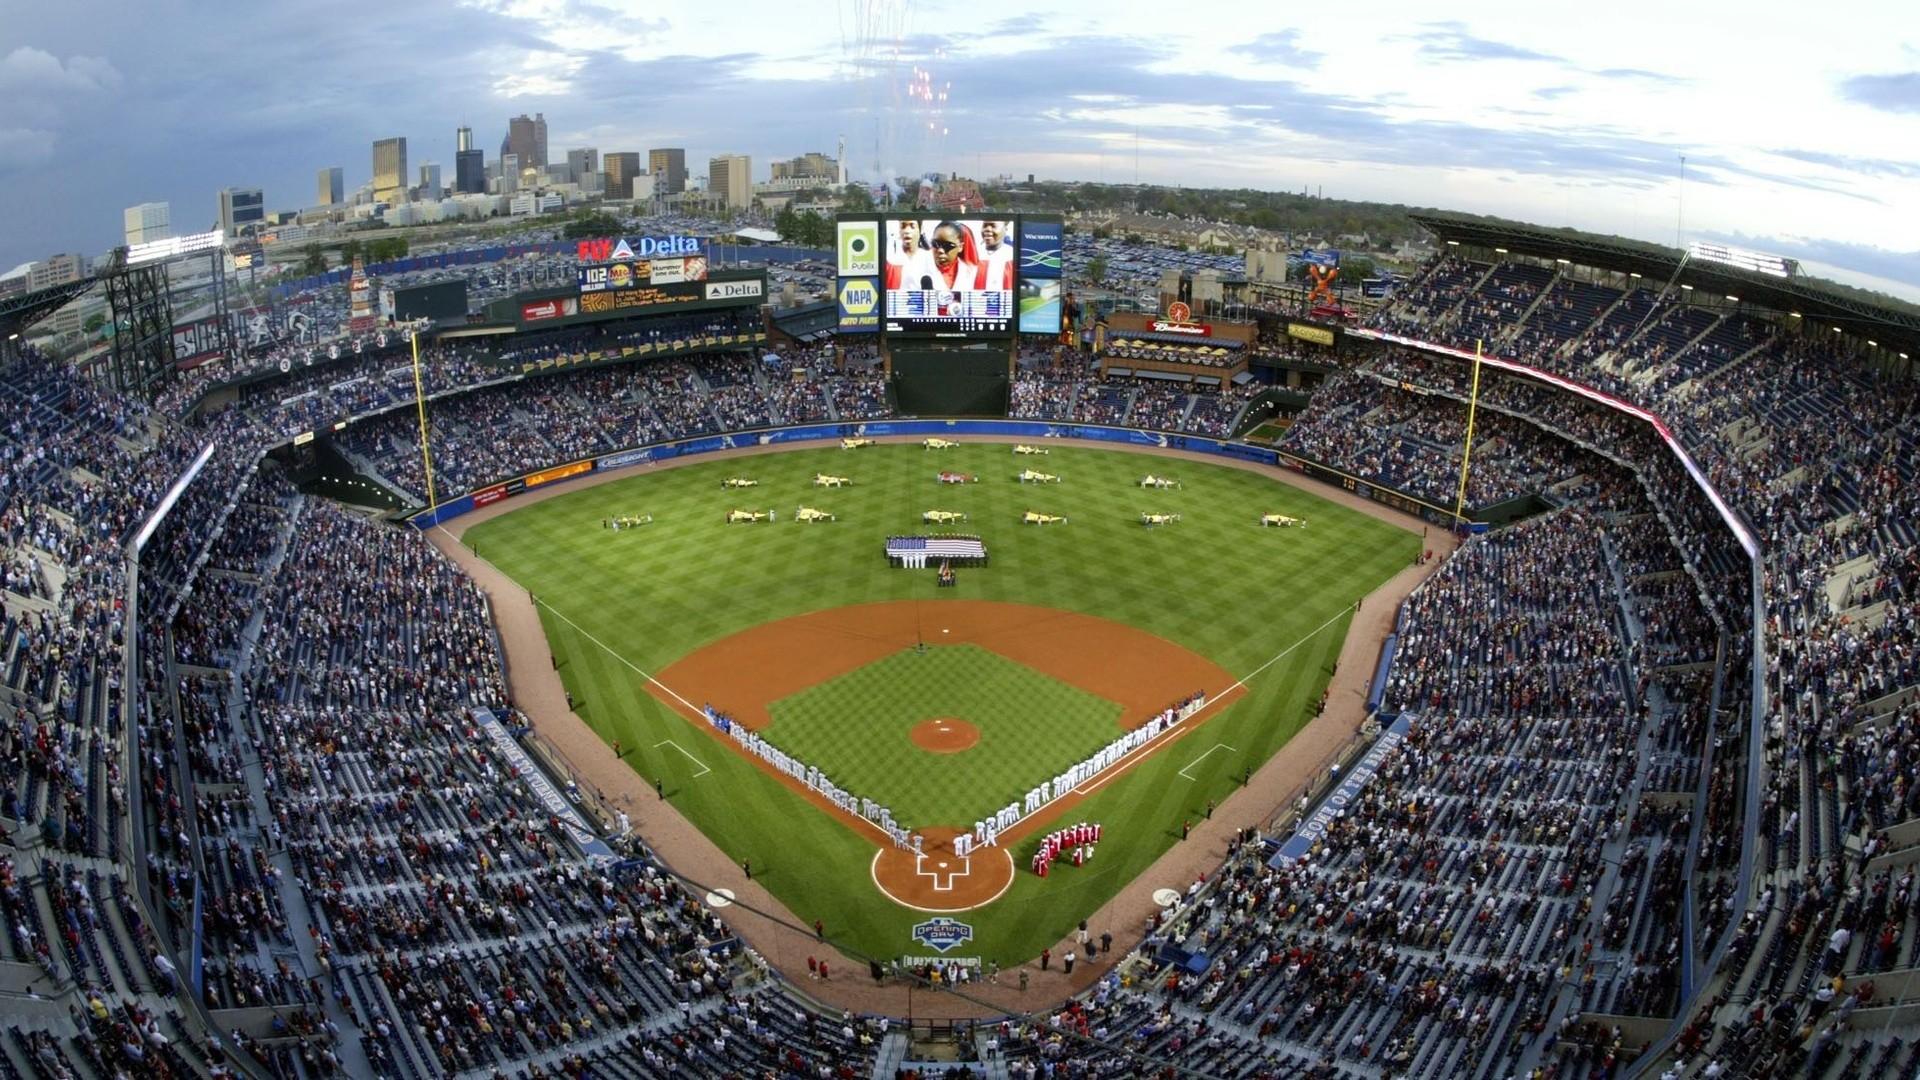 Baseball, Mlb, Braves Stadium, Stadium, Sports, Braves, Atlanta Braves